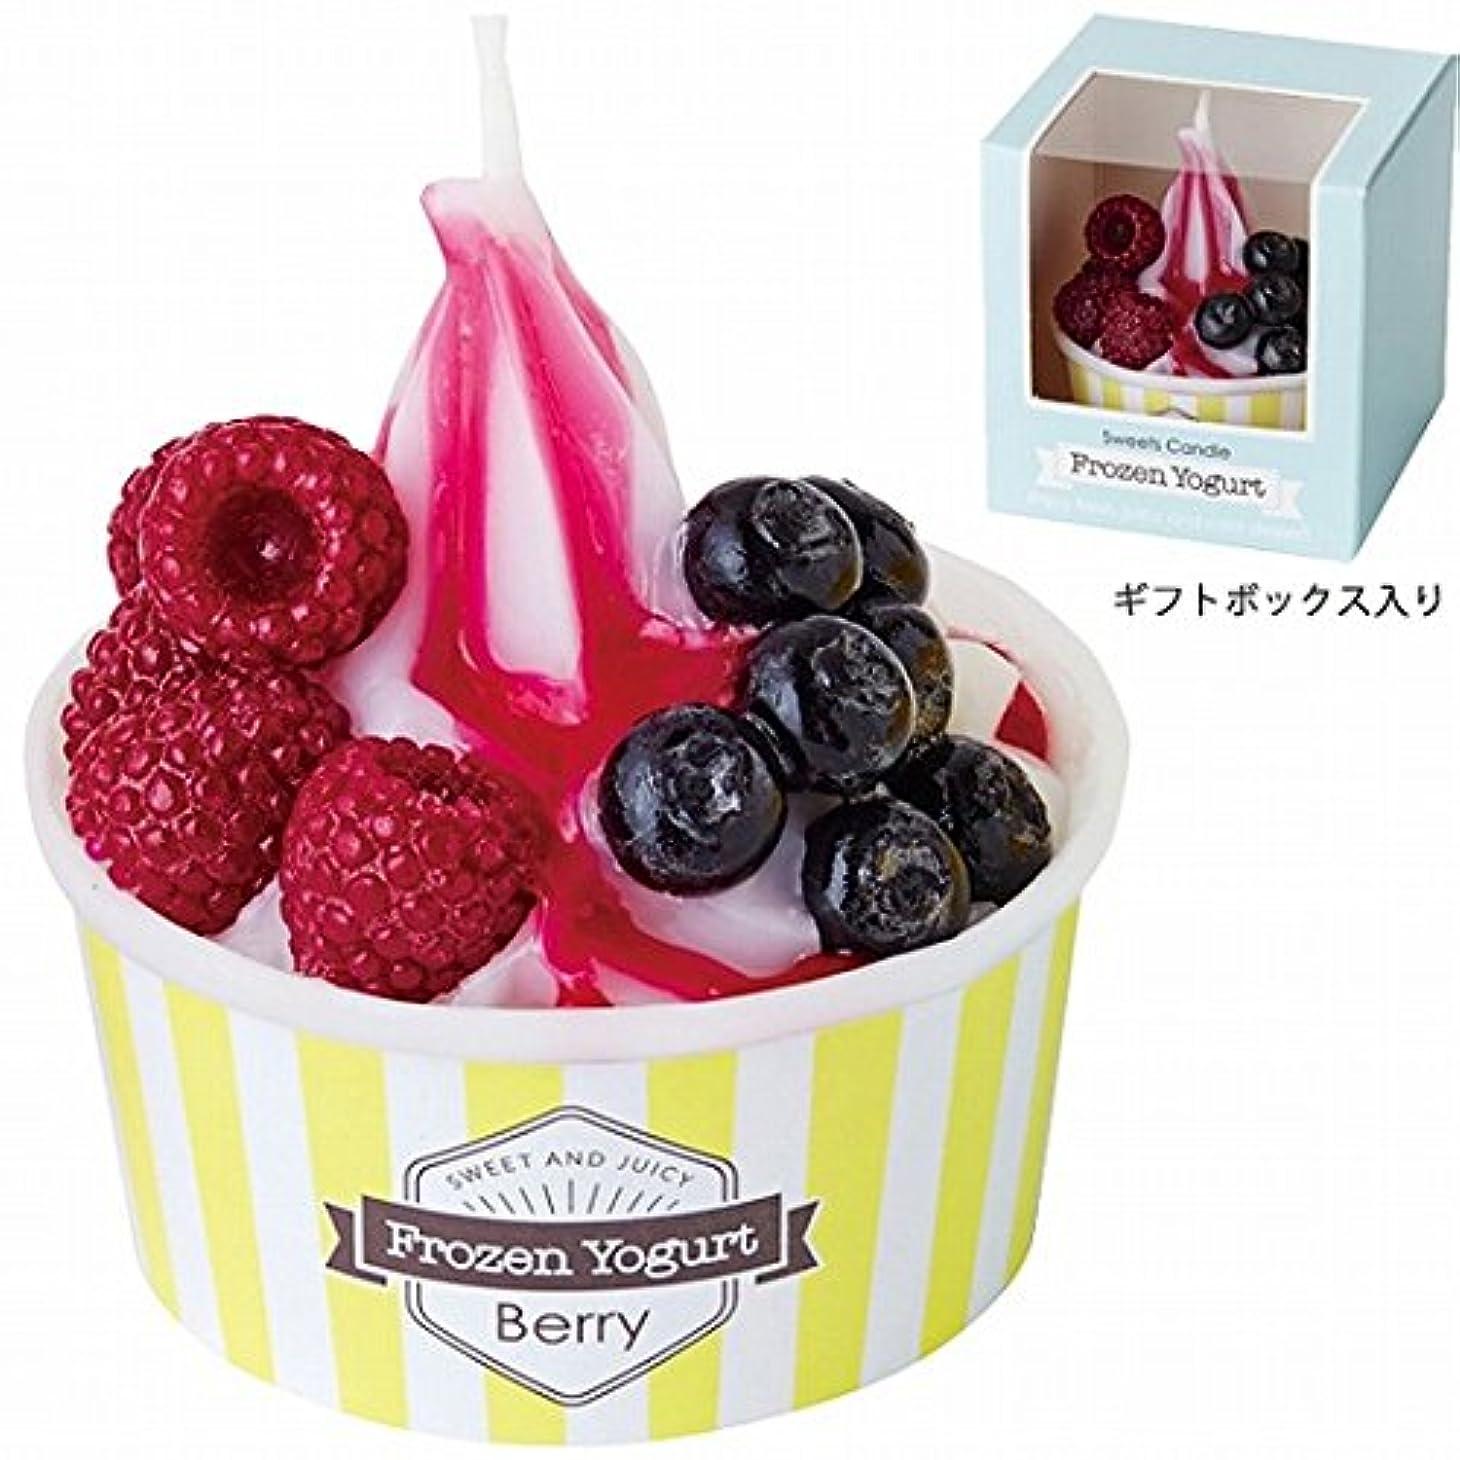 晴れ処理わかりやすいカメヤマキャンドル(kameyama candle) フローズンヨーグルトキャンドル 「ベリー」